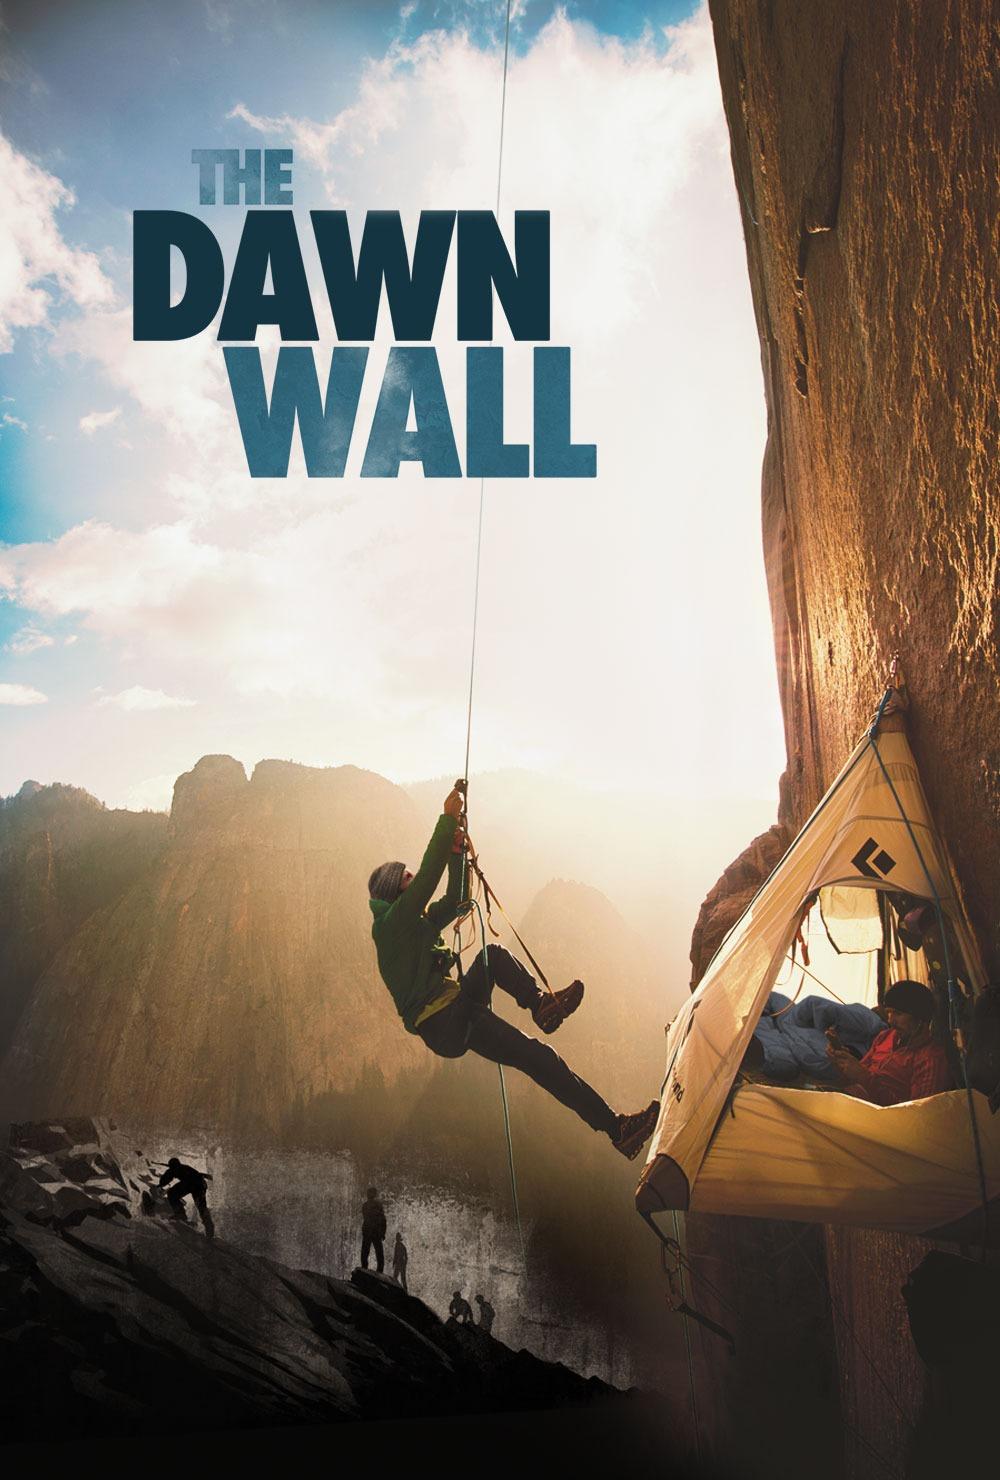 the dawn wall film